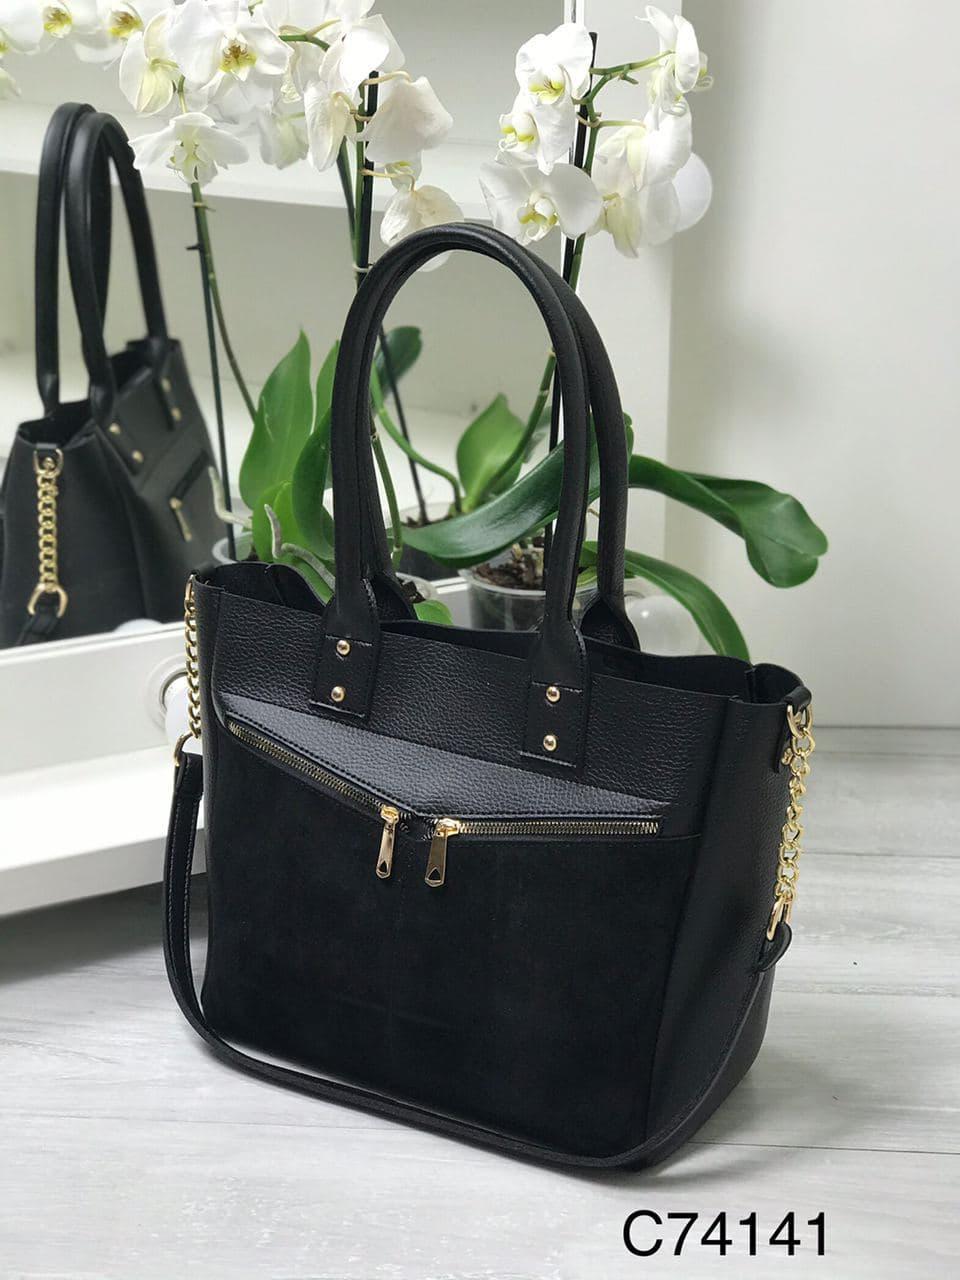 Женская сумка С74141 черная